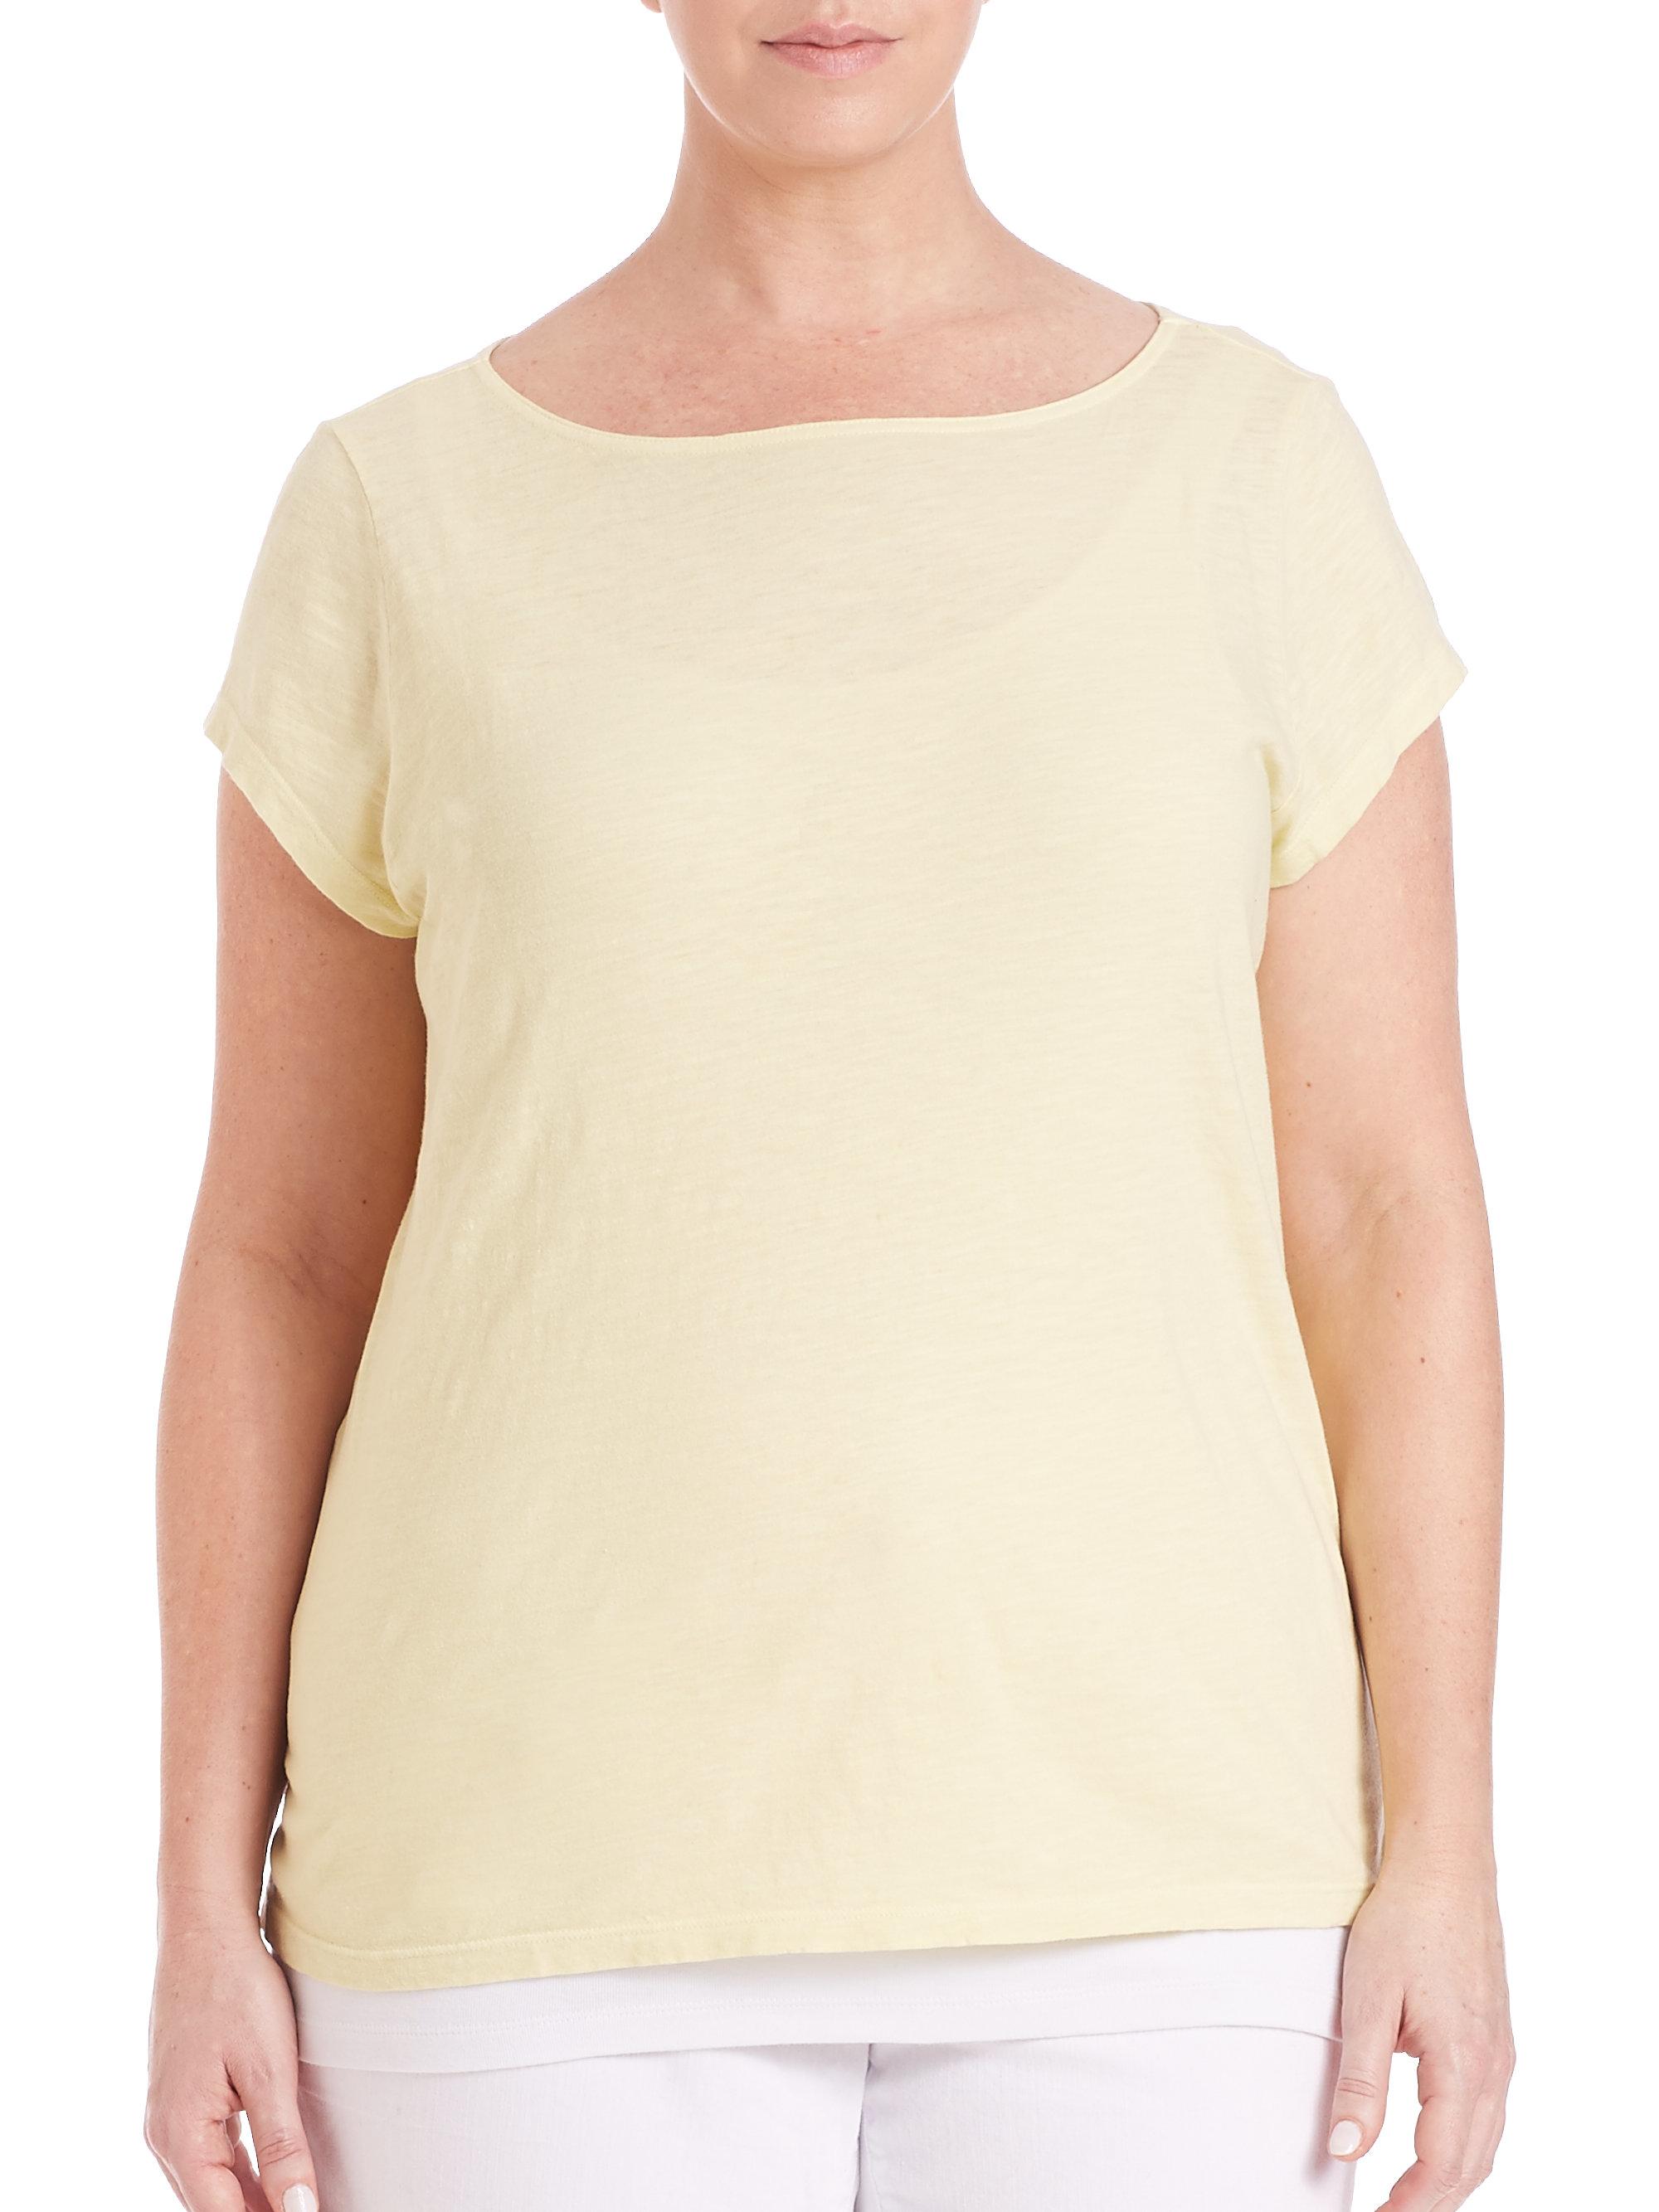 Eileen fisher slubby organic cotton jersey tee in natural for Eileen fisher organic cotton t shirt